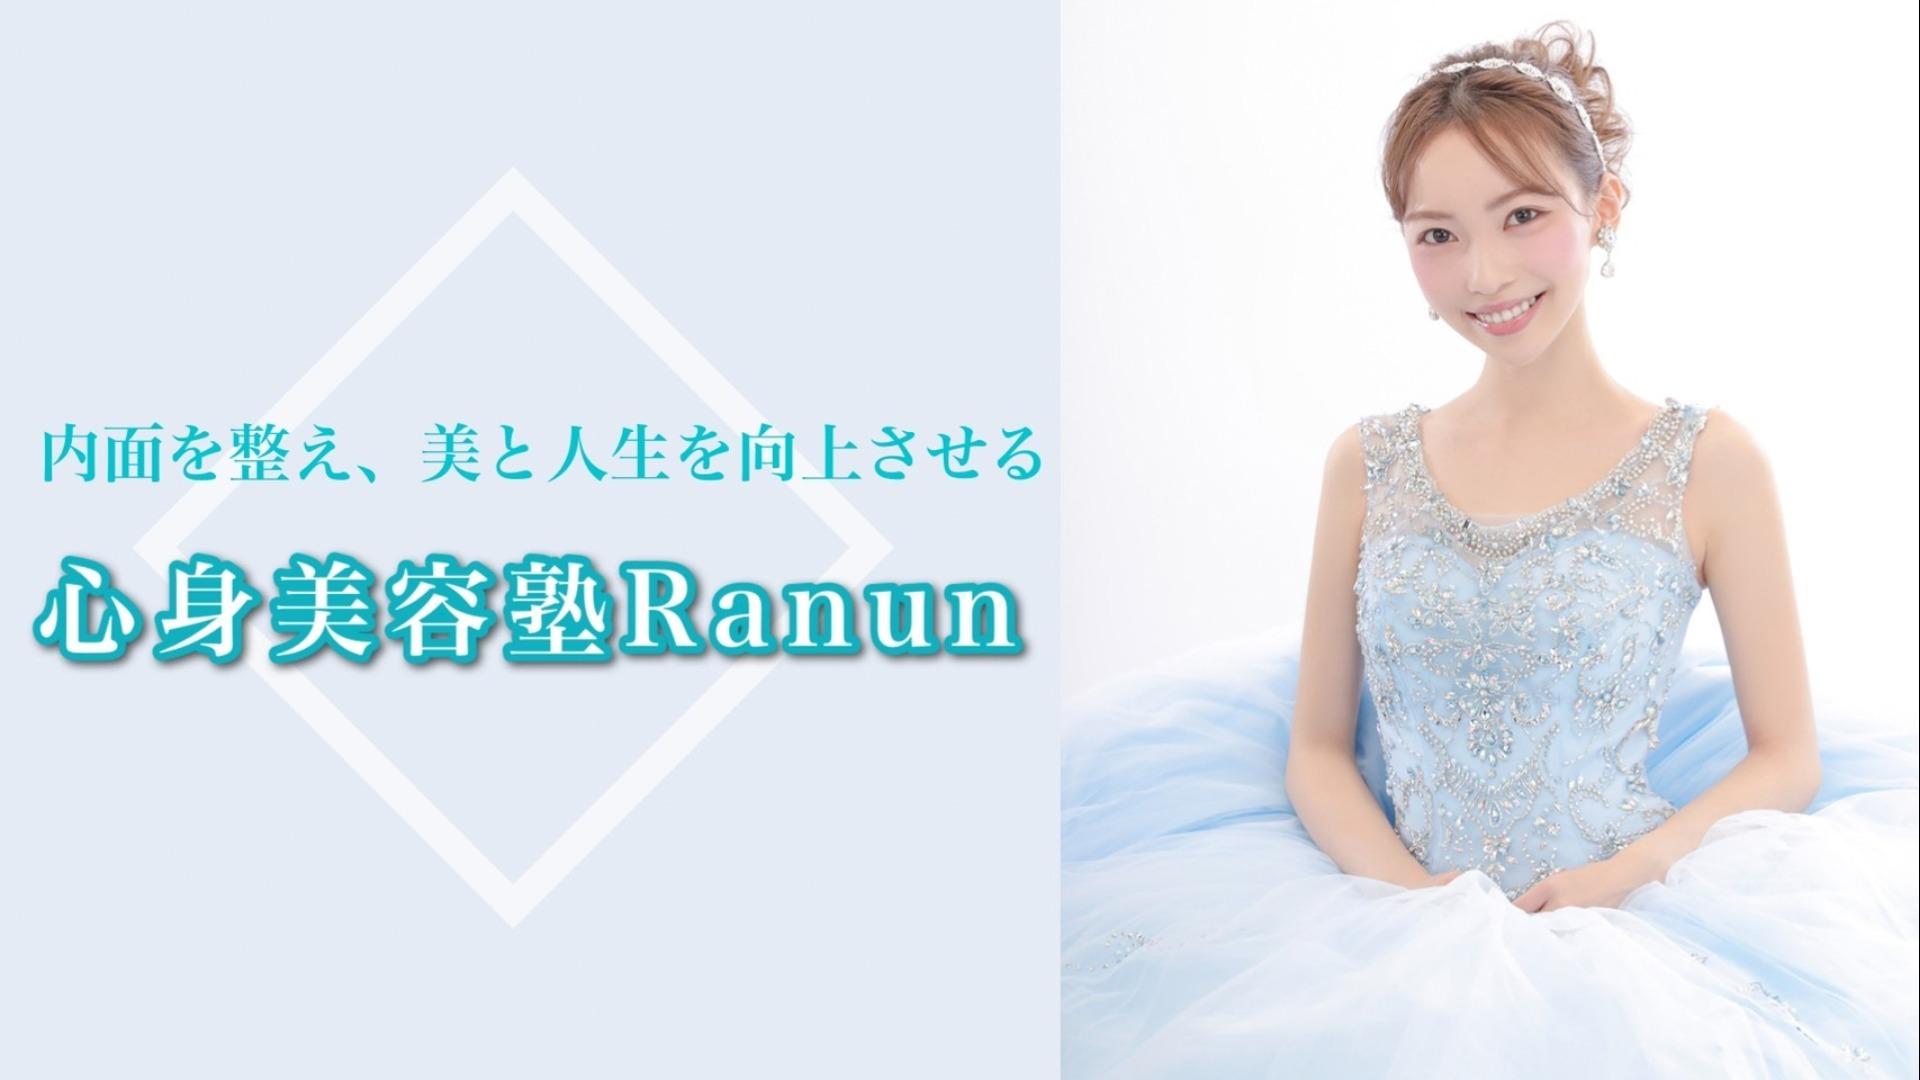 心身美容塾Ranun